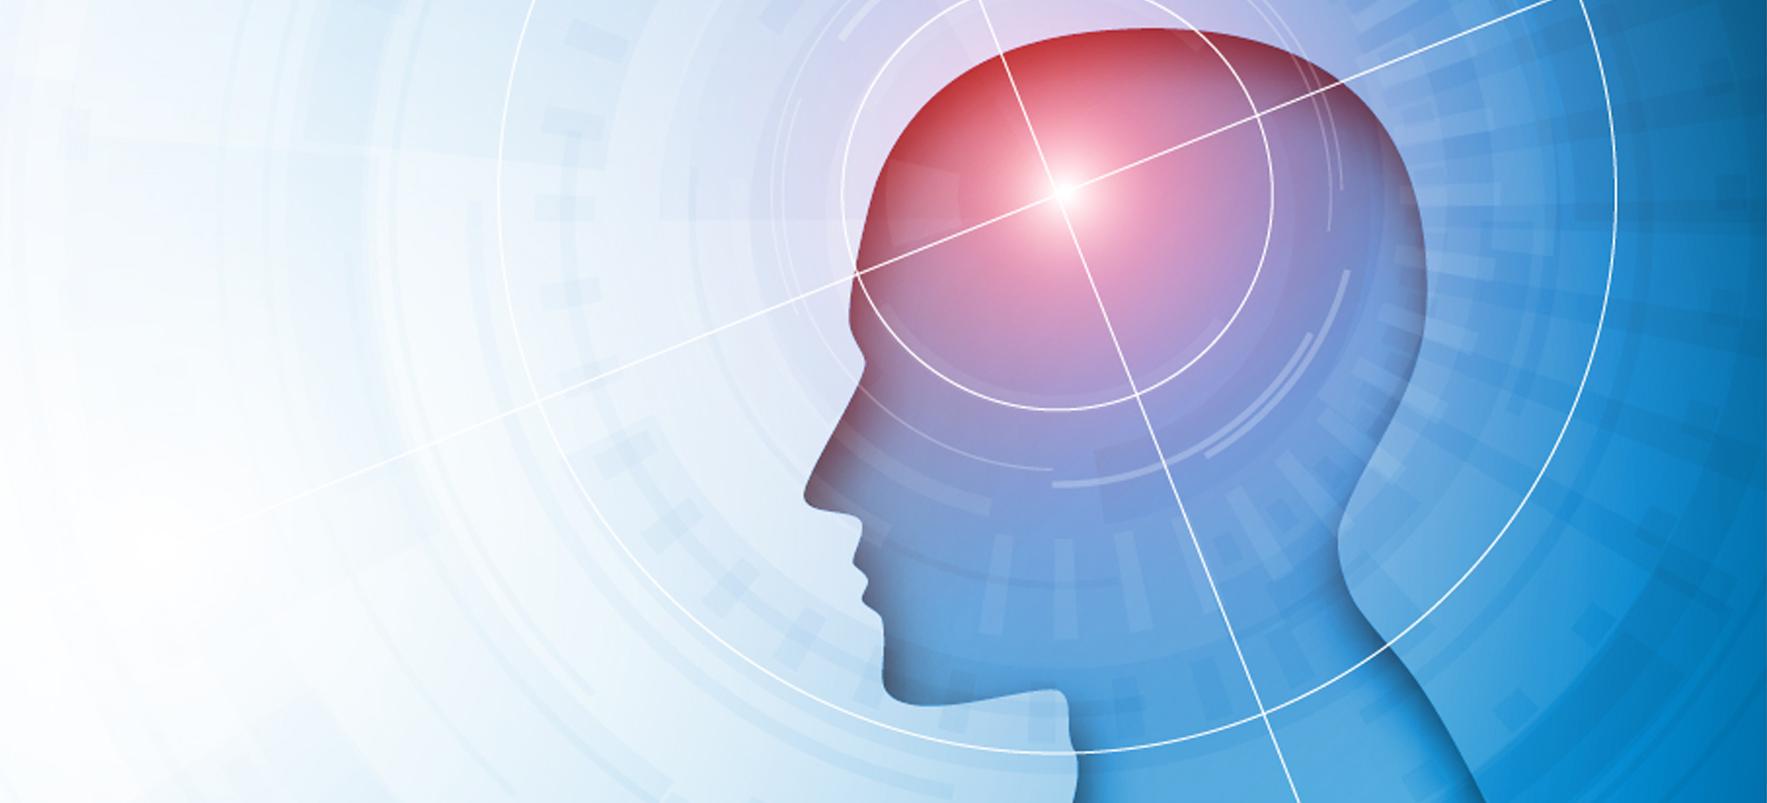 La gestione psicologica del paziente con dolore cronico